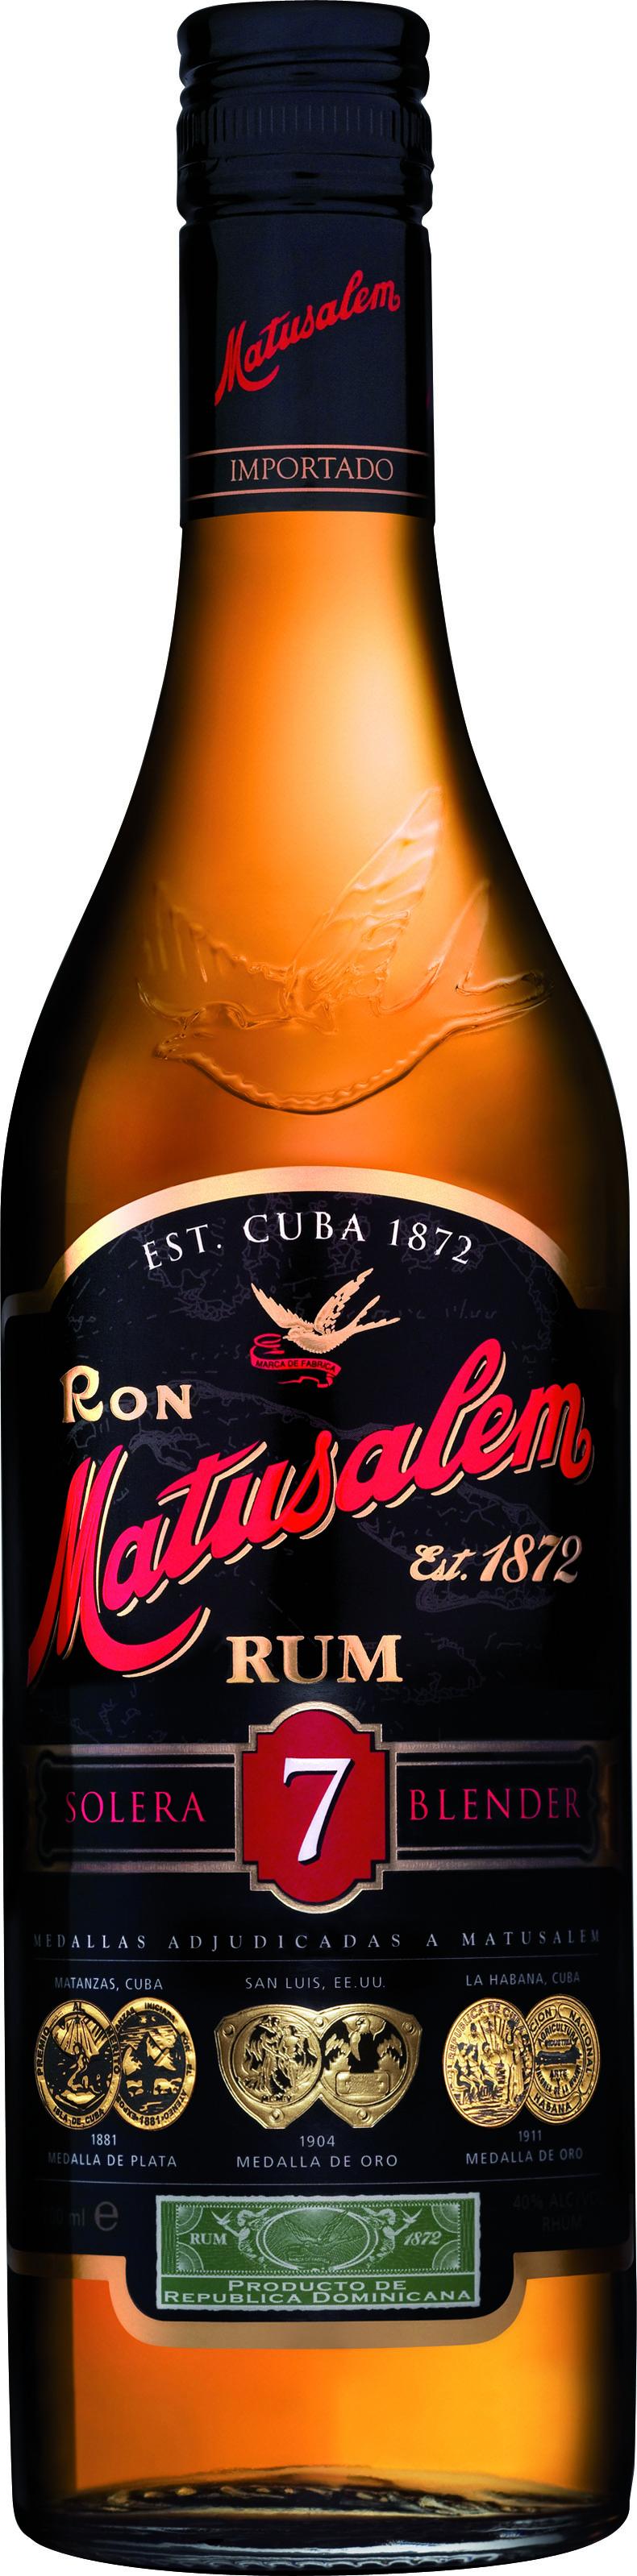 Ron Matusalem Rum Solera 7